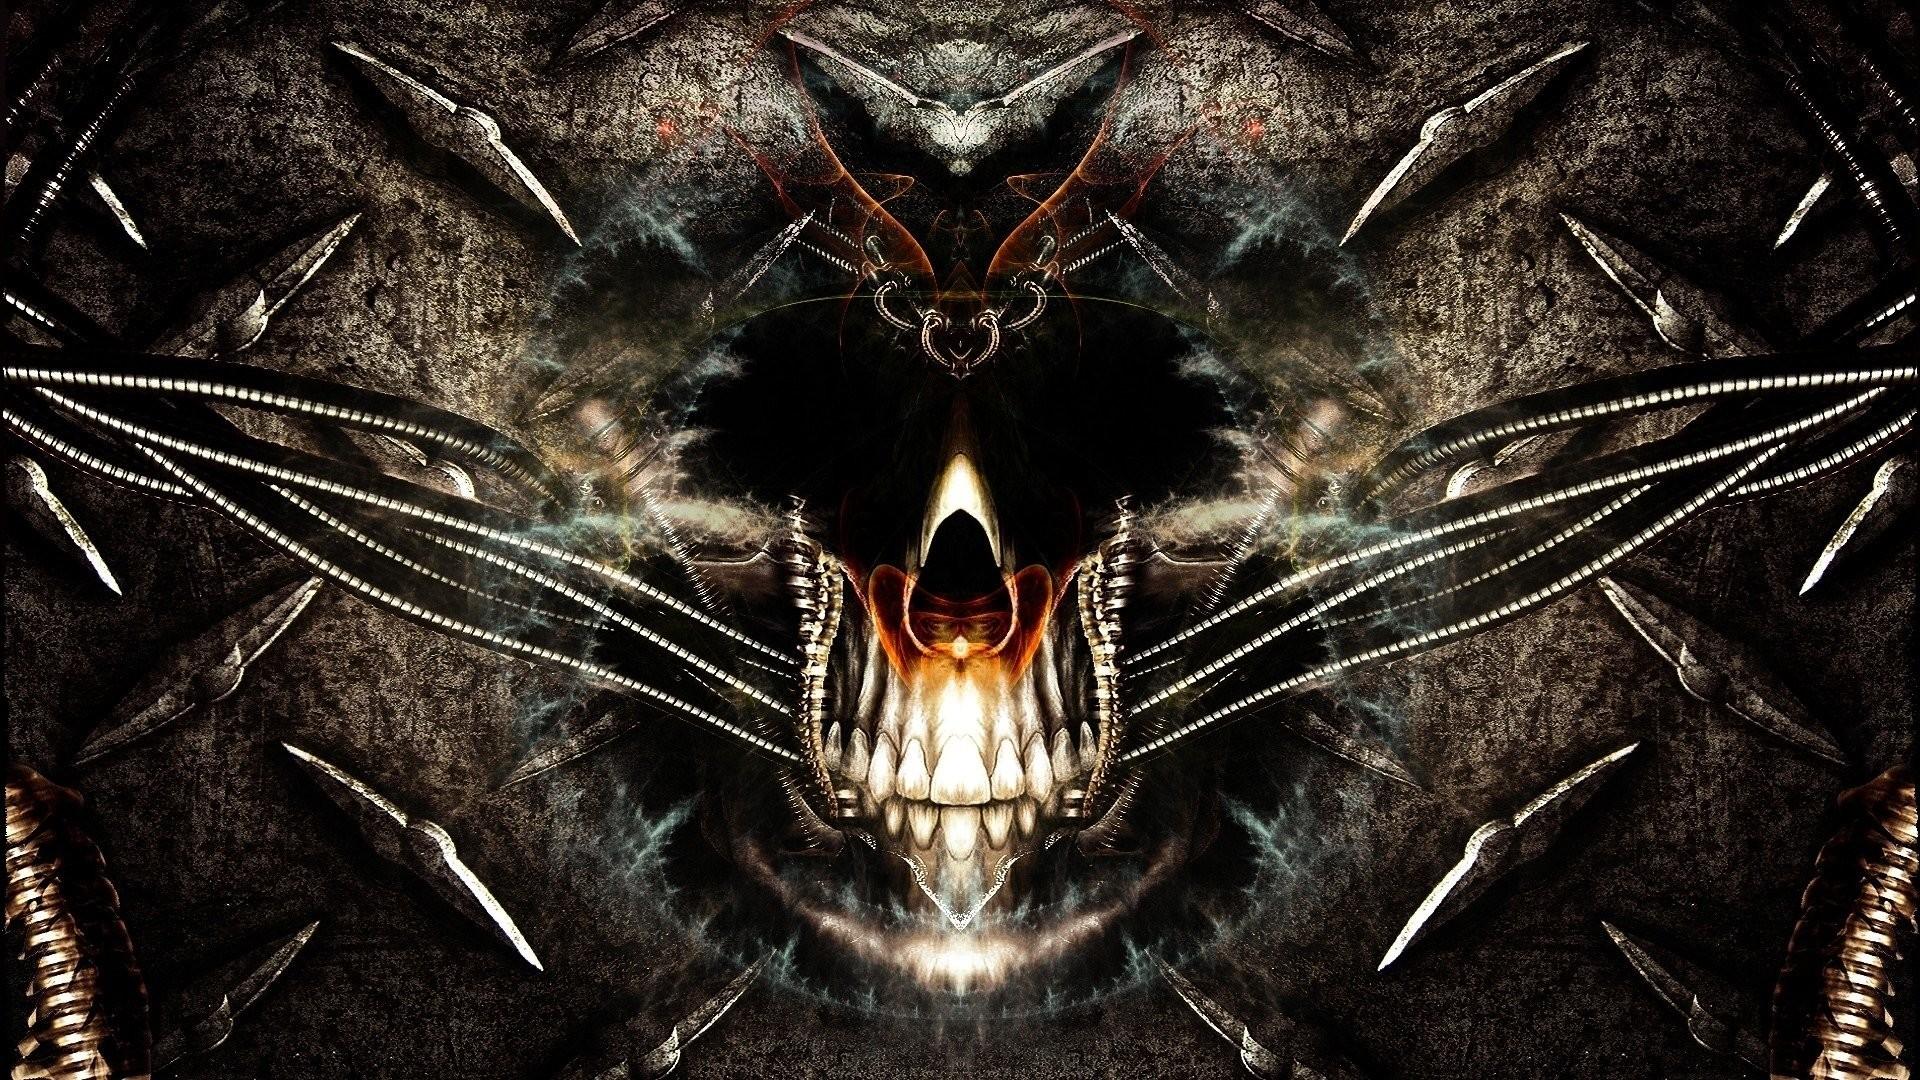 Dark skull wallpapers 42 images - Skeleton wallpaper ...